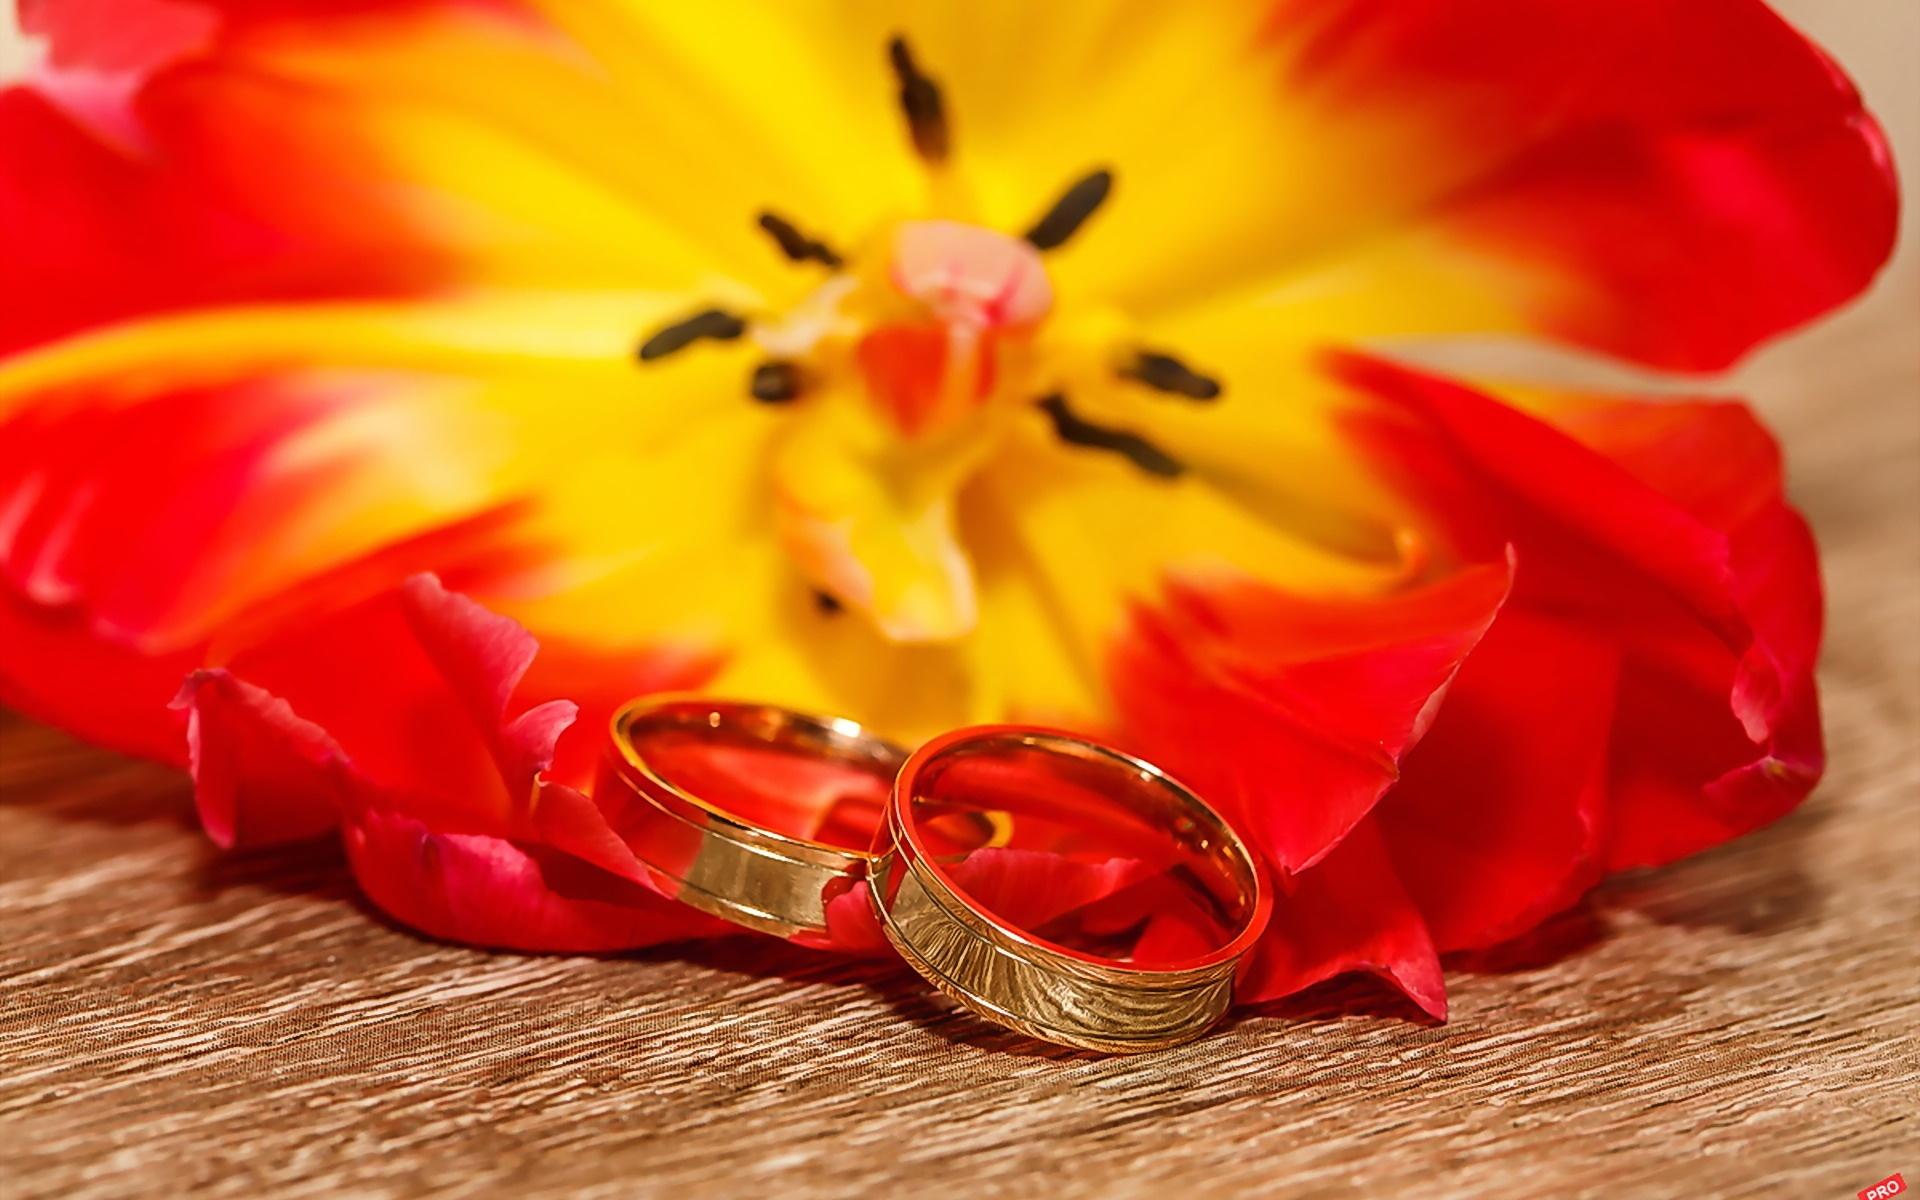 Красивые картинки обручальных колец на красном фоне